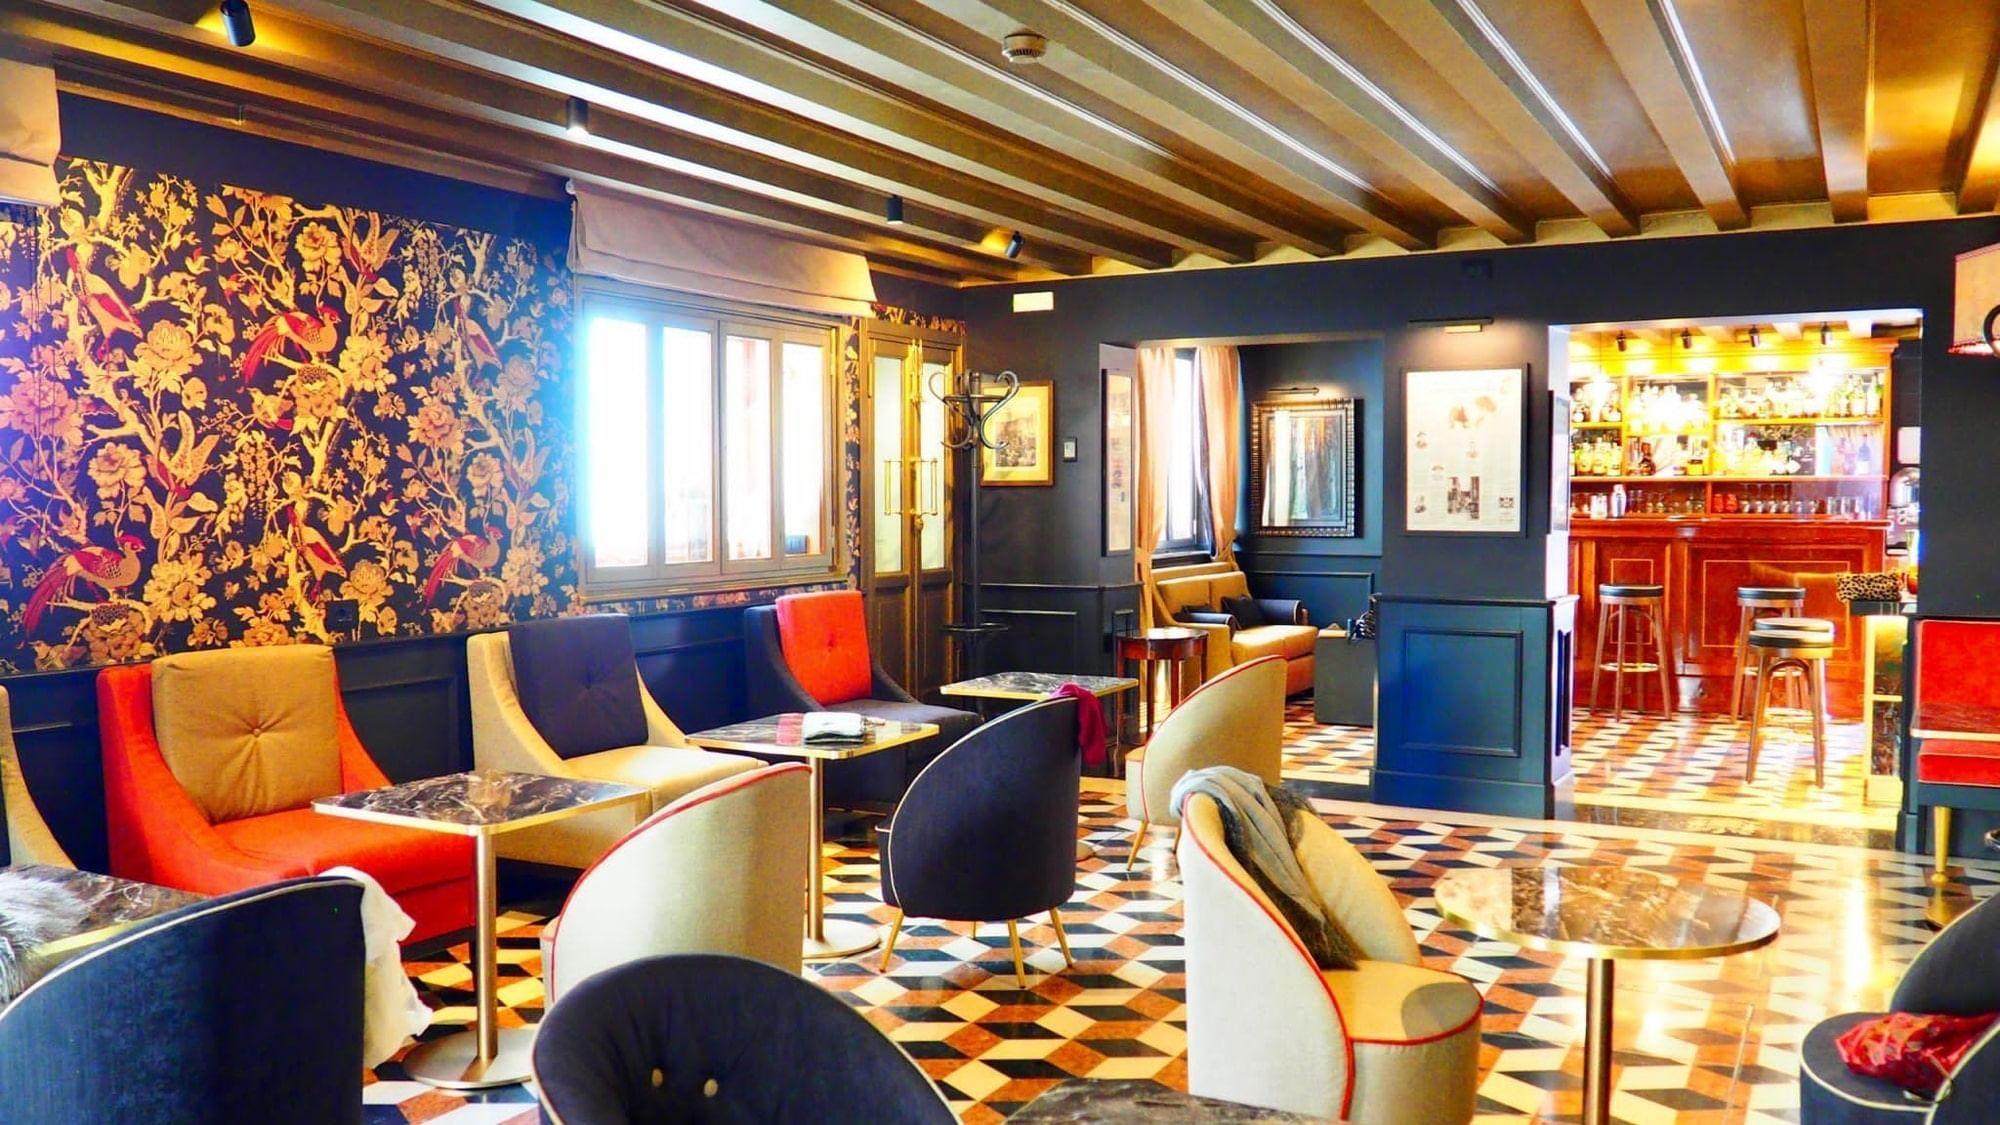 UNAHOTELS Ala Venezia - Hotel a Venezia